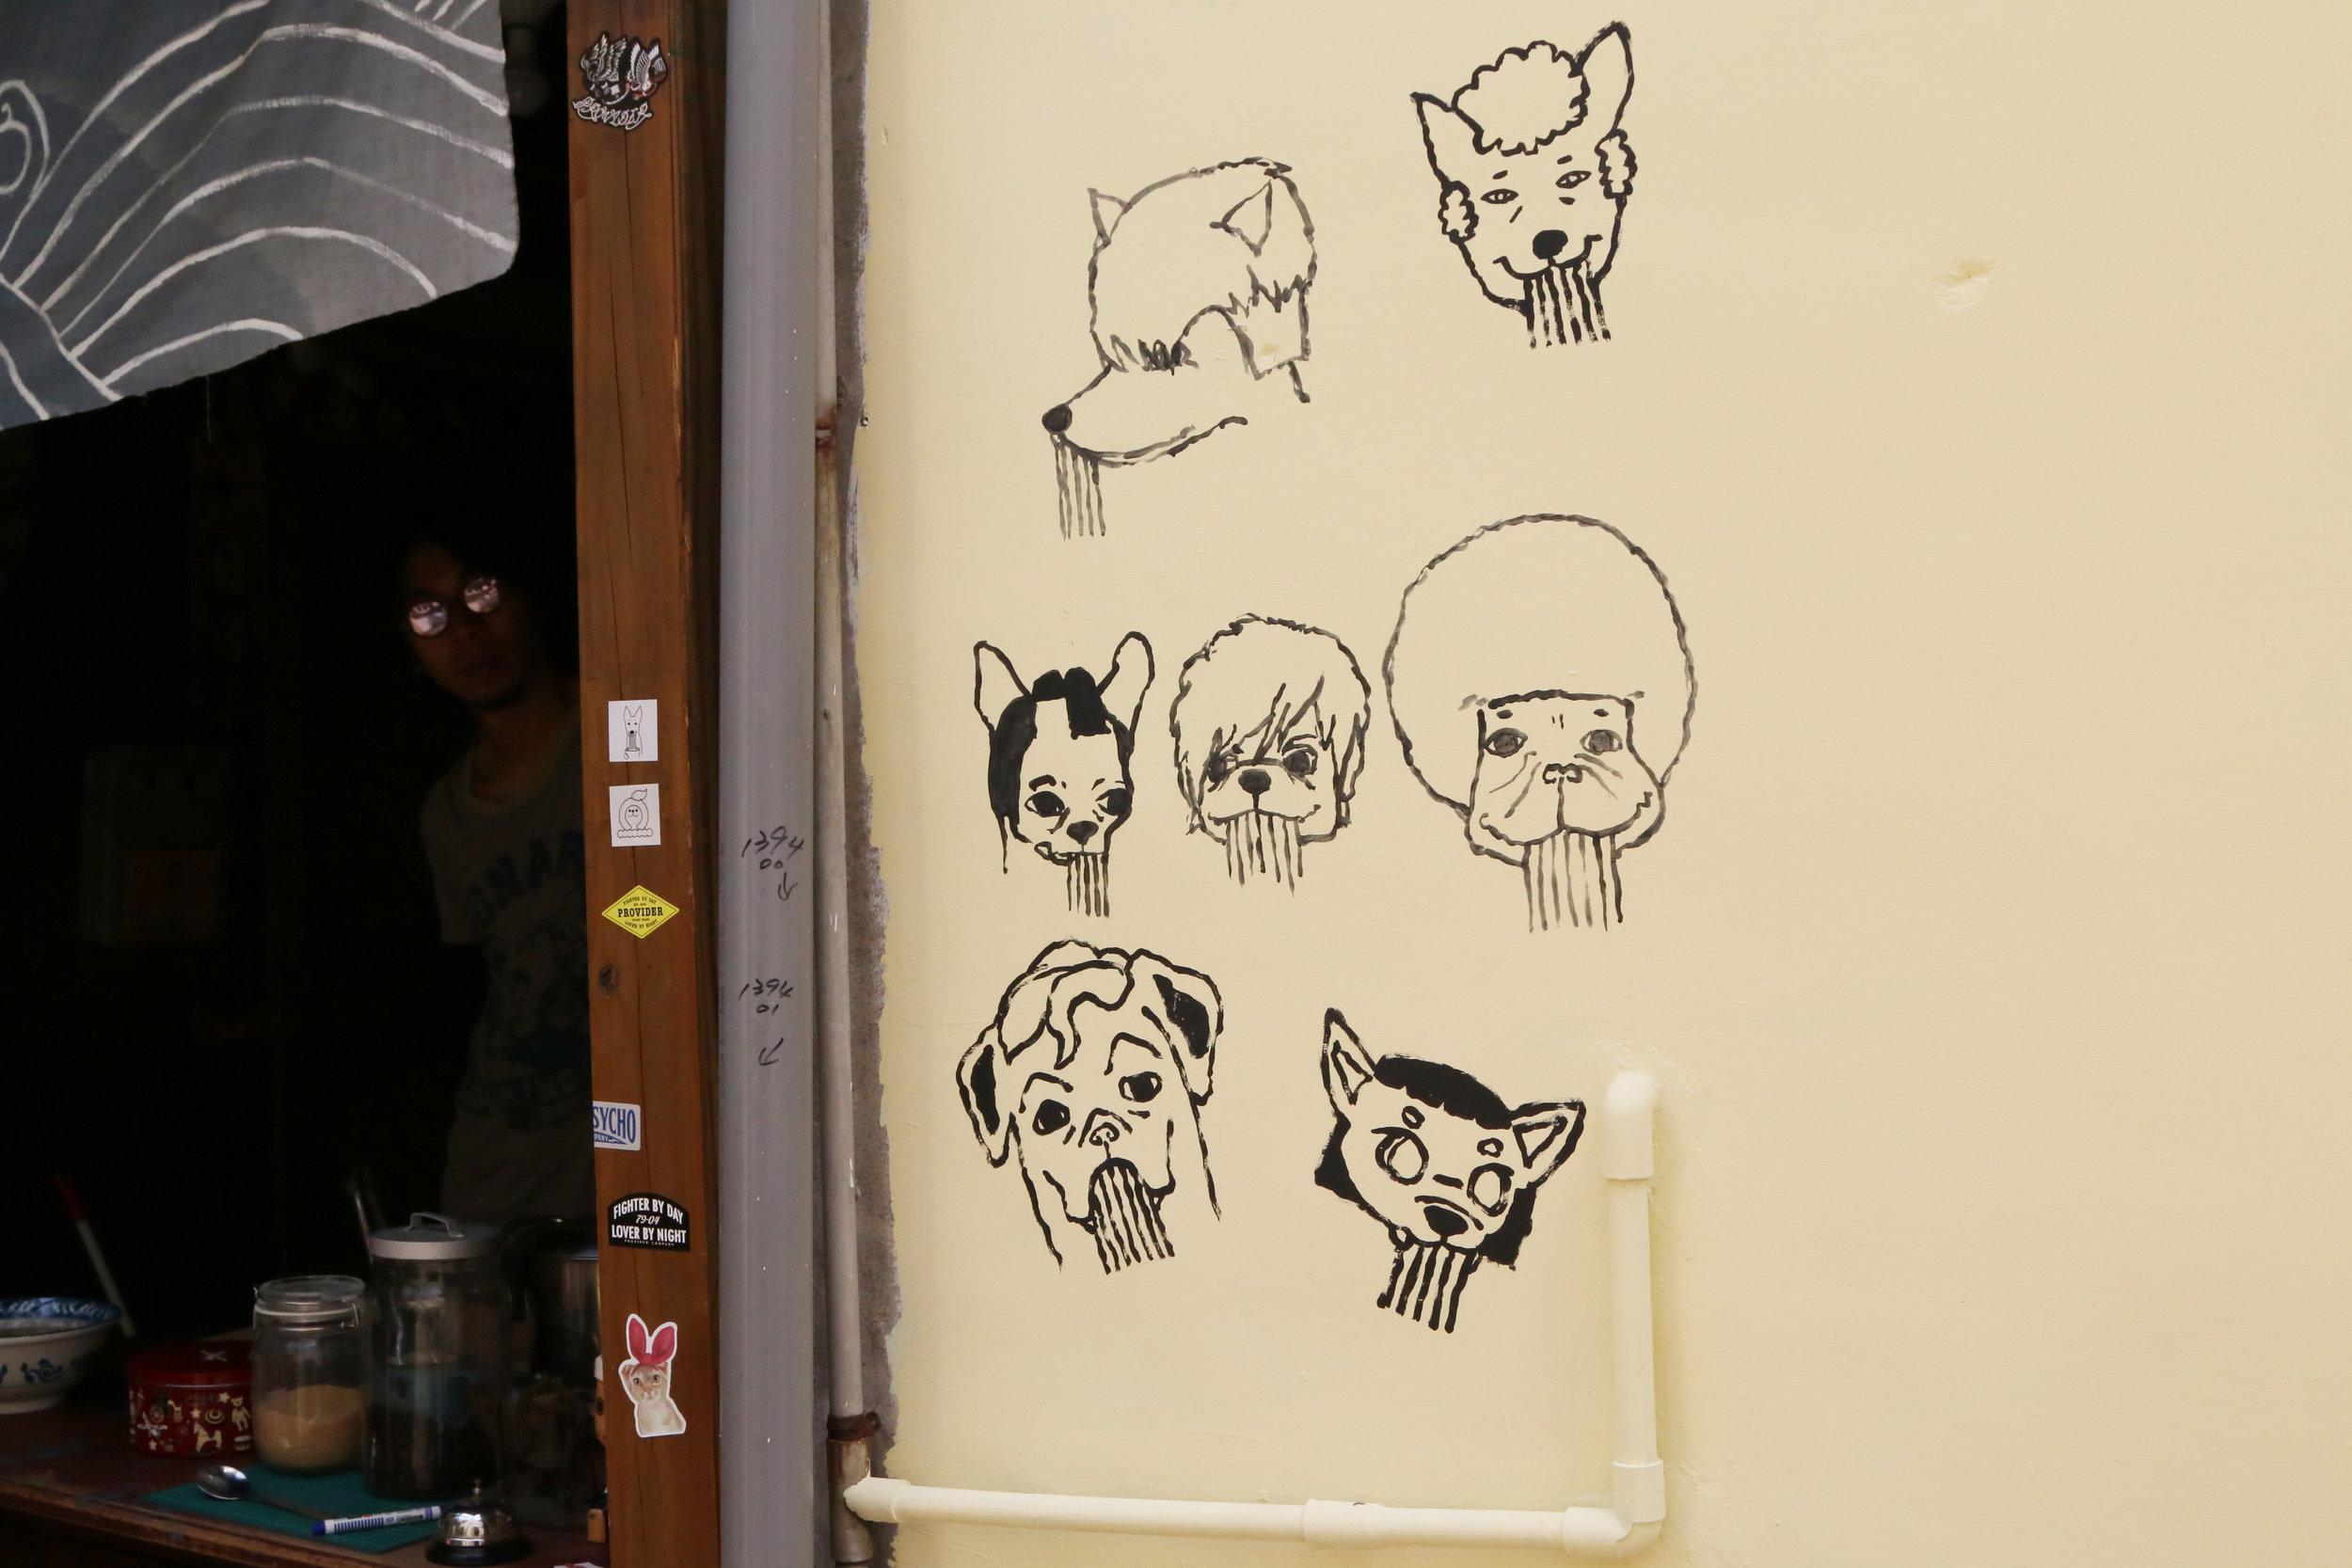 店內外出現的狗狗插畫,就是髒腳弟弟與楊鴨鴨,是老闆自己繪製的,店內還有販售特製明信片。